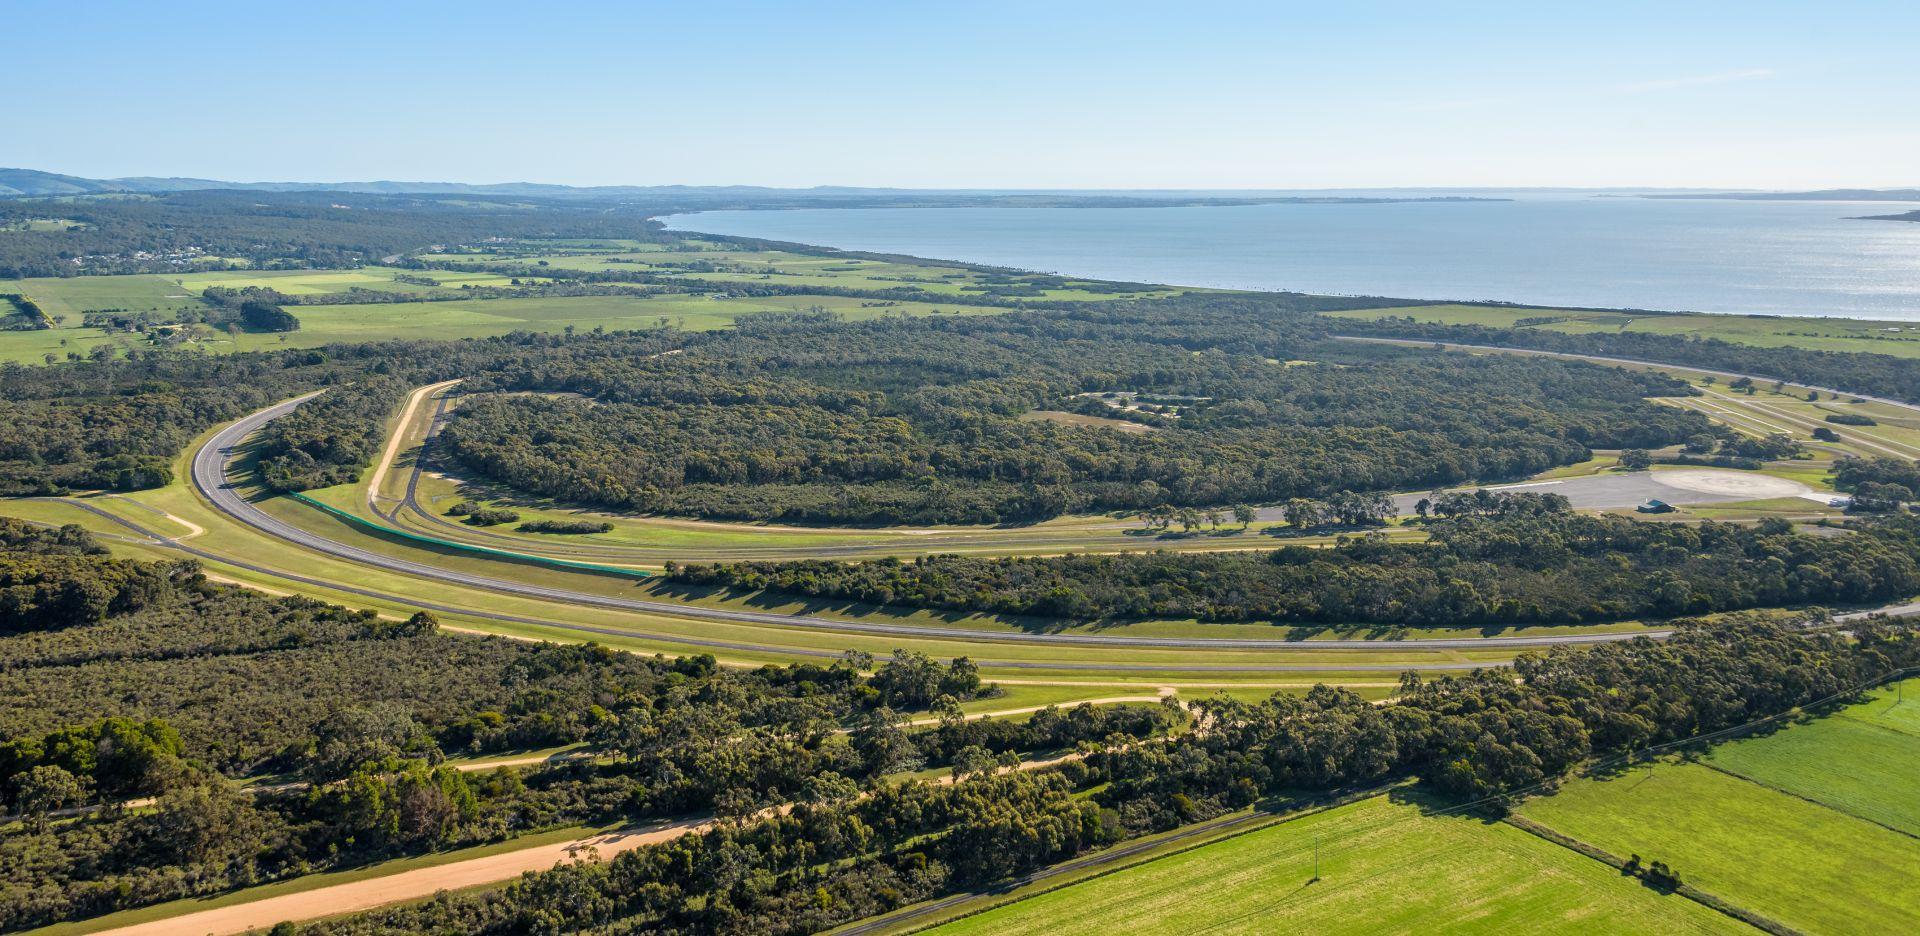 VinFast chính thức mua lại Trung tâm thử nghiệm xe rộng 872ha tại Australia - Ảnh 3.